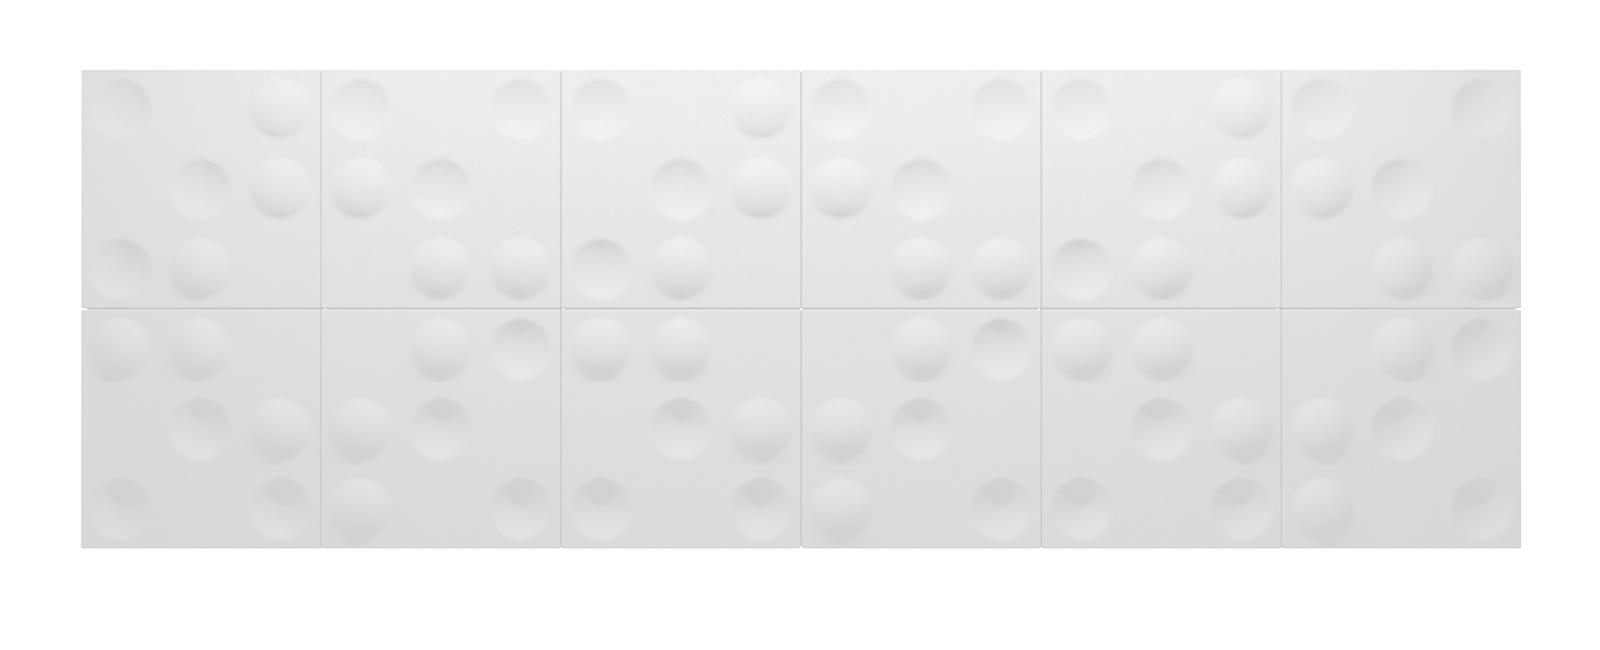 Autex Quietspace 3D Tiles S-5.34   Civic